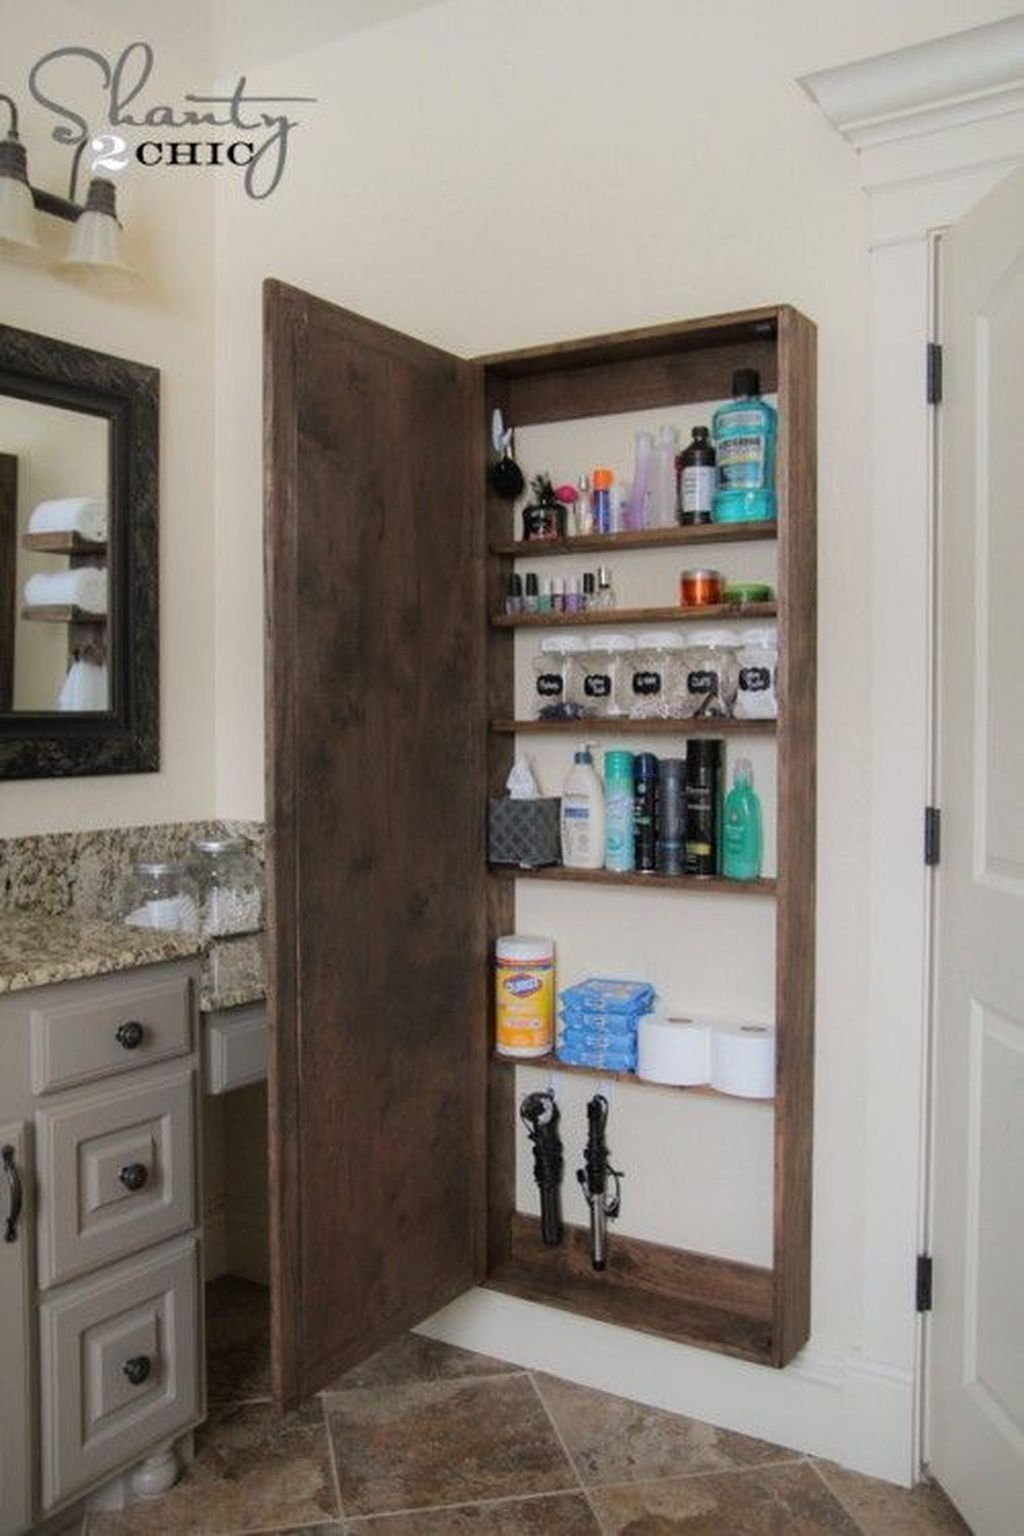 101 Innovative Storage Ideas For Your Small Bathroom Decoration In 2020 Diy Bathroom Storage Bathroom Mirror Storage Bathroom Storage Hacks